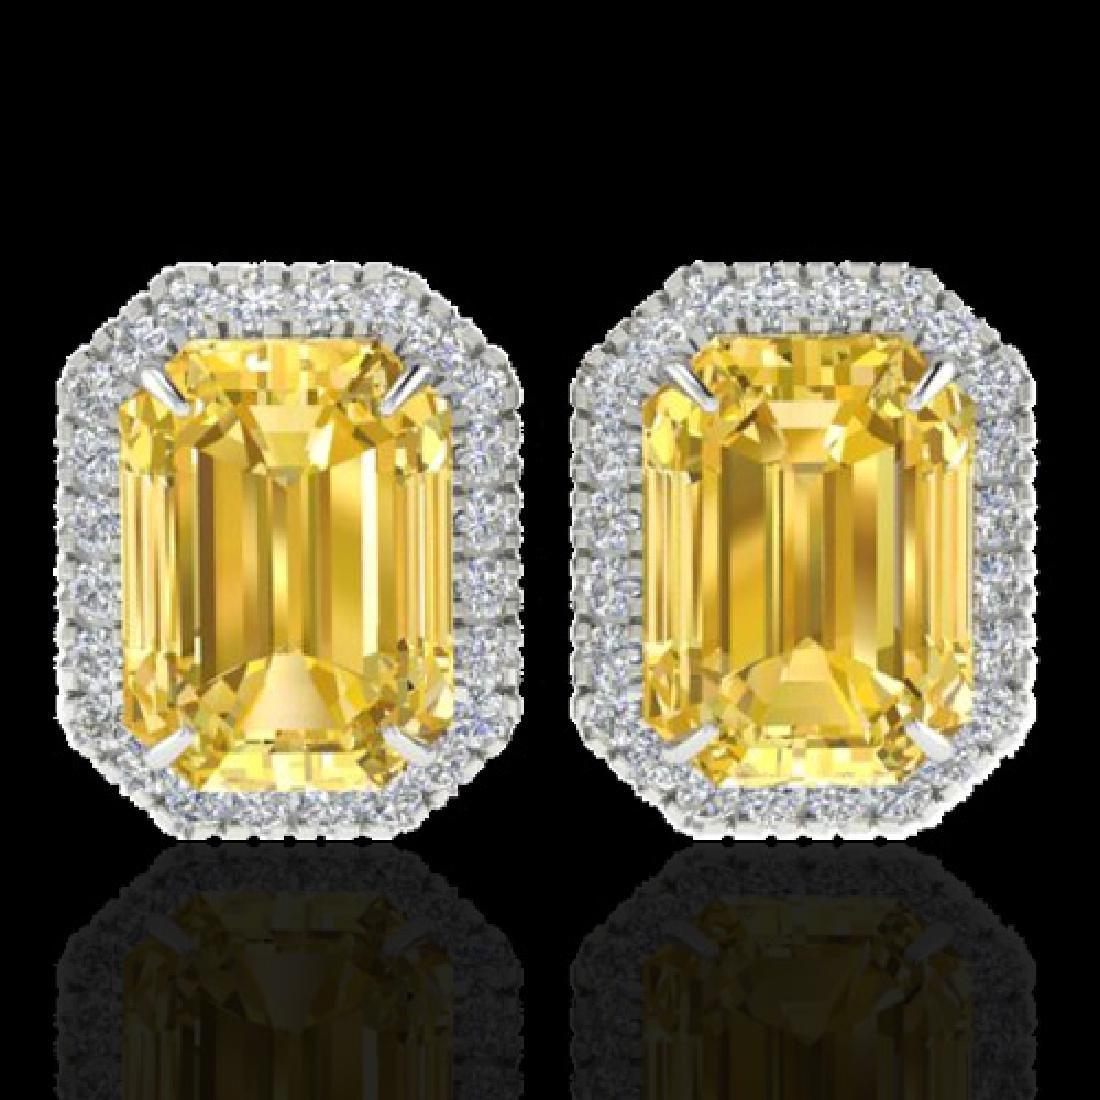 8.40 CTW Citrine & Micro Pave VS/SI Diamond Halo